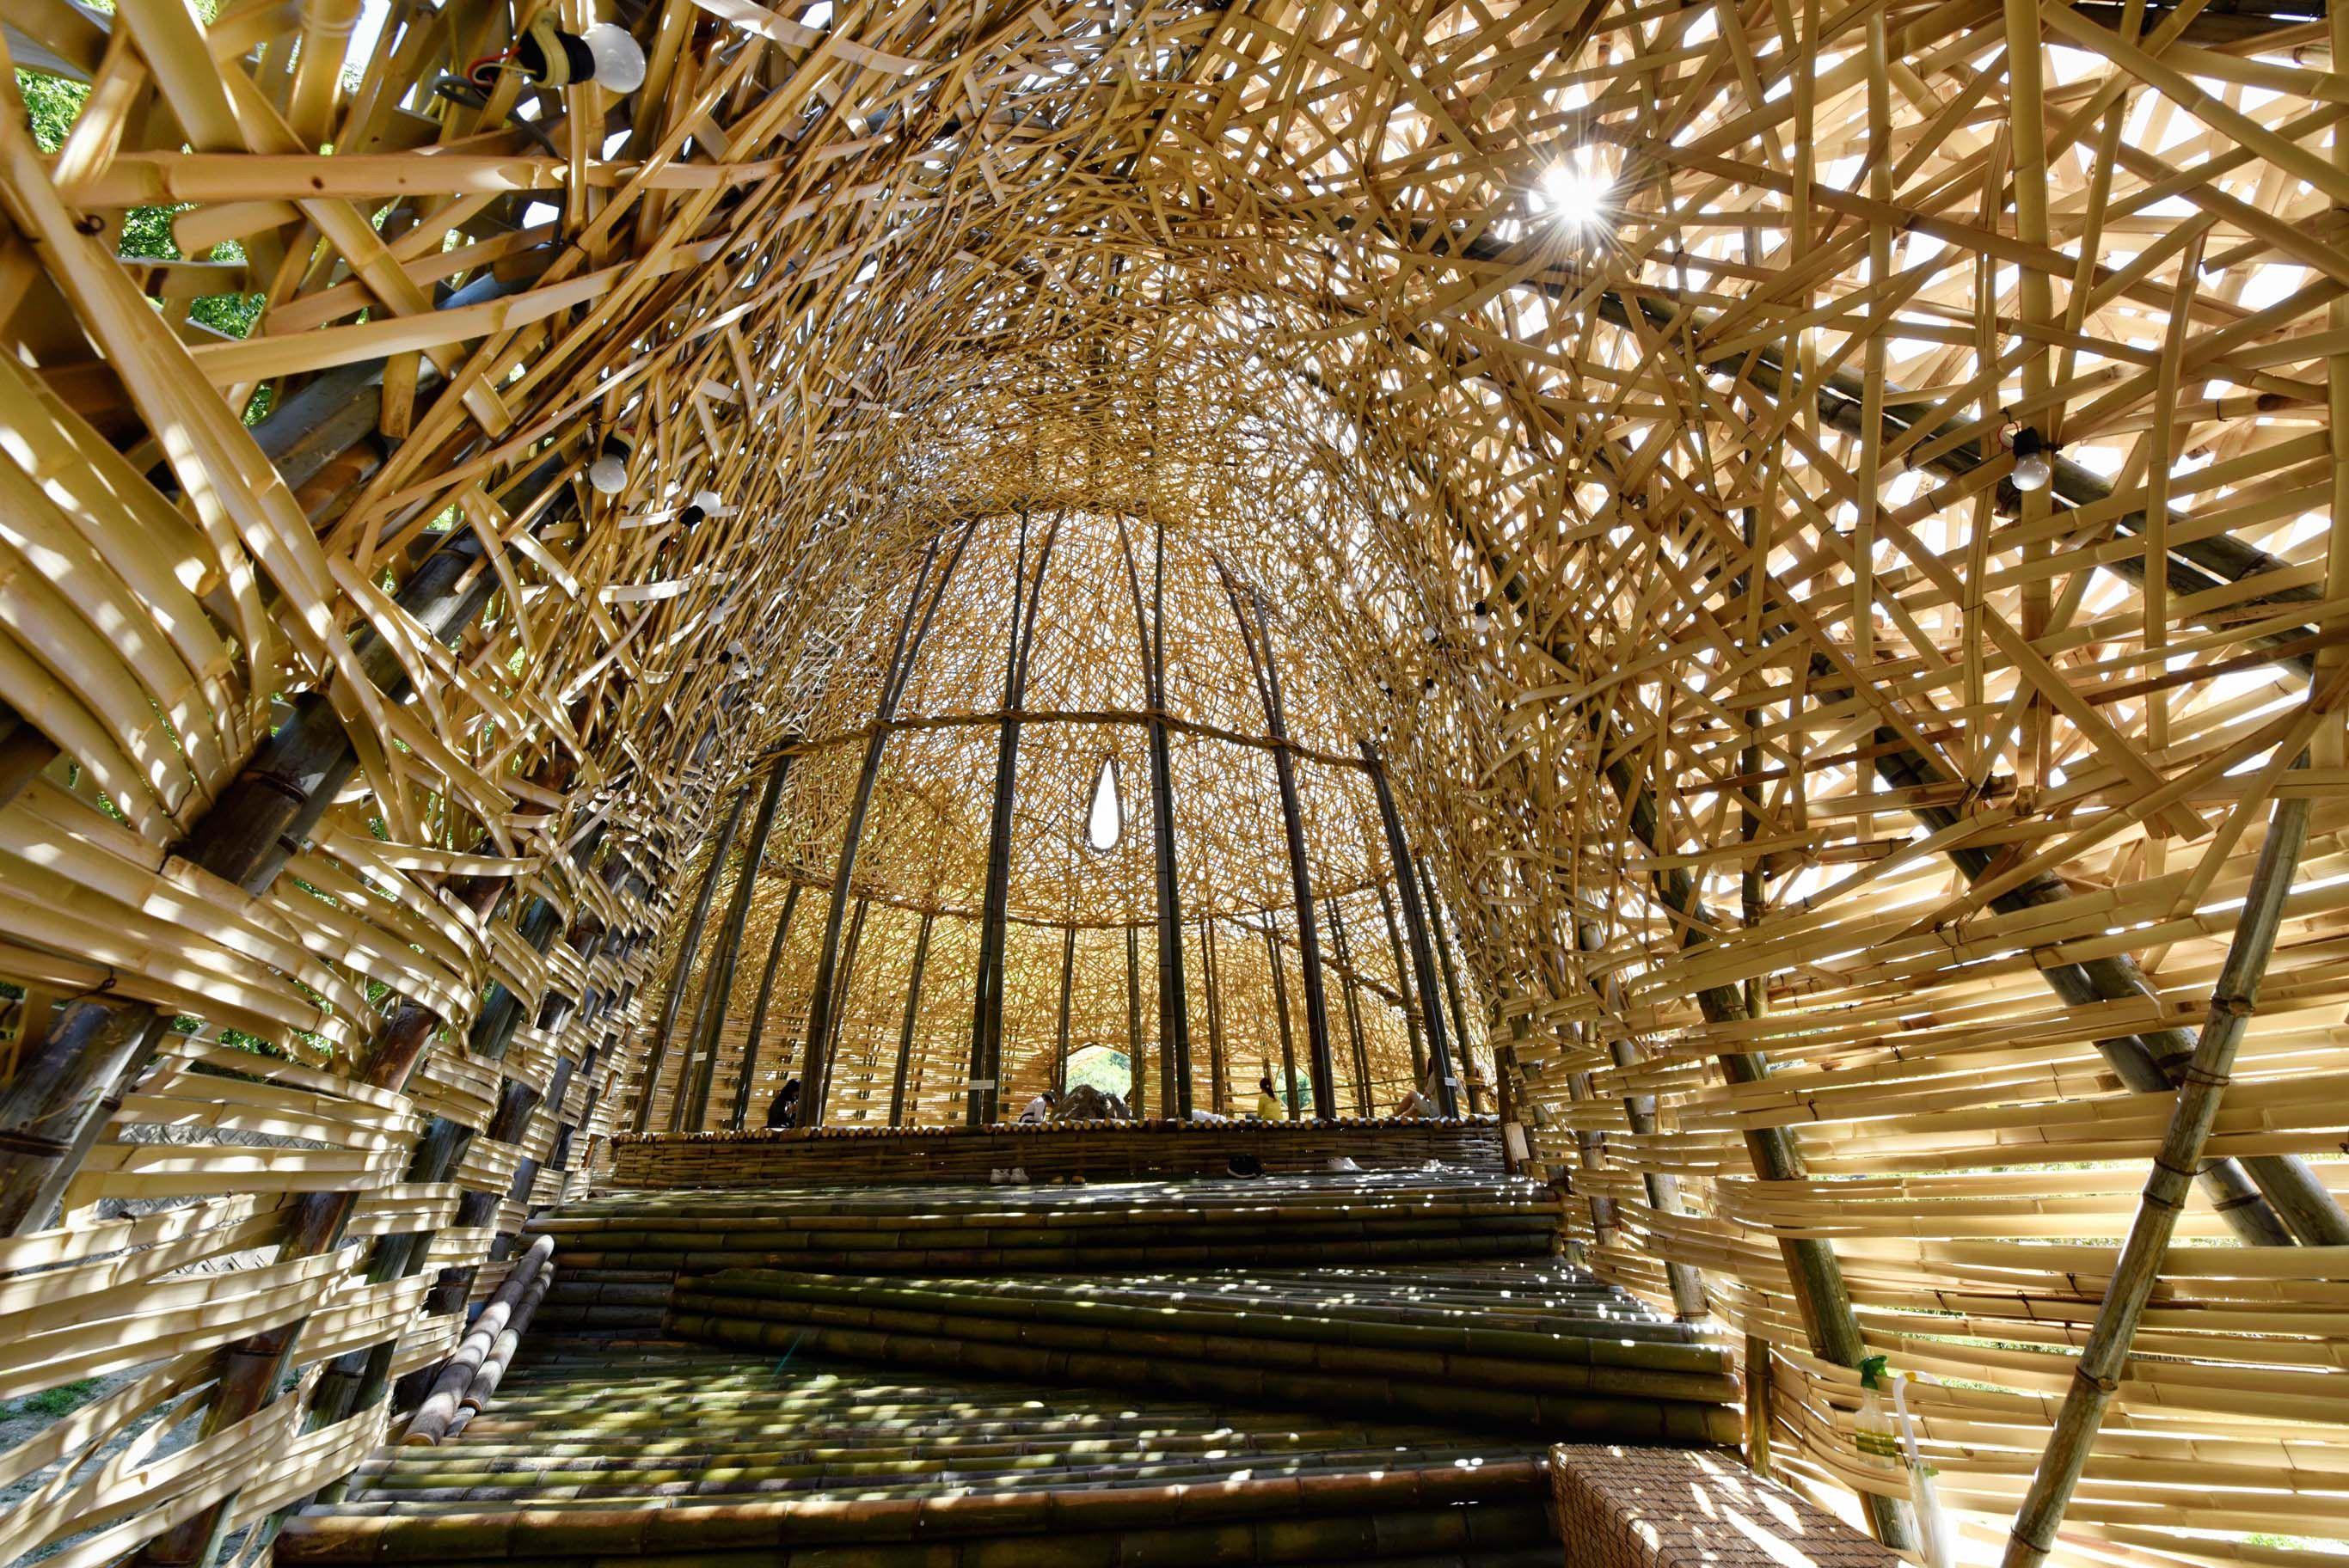 面對小豆島的中山千枚田搭起的藝術作品。台灣作家王文志的「小豆島之戀」。